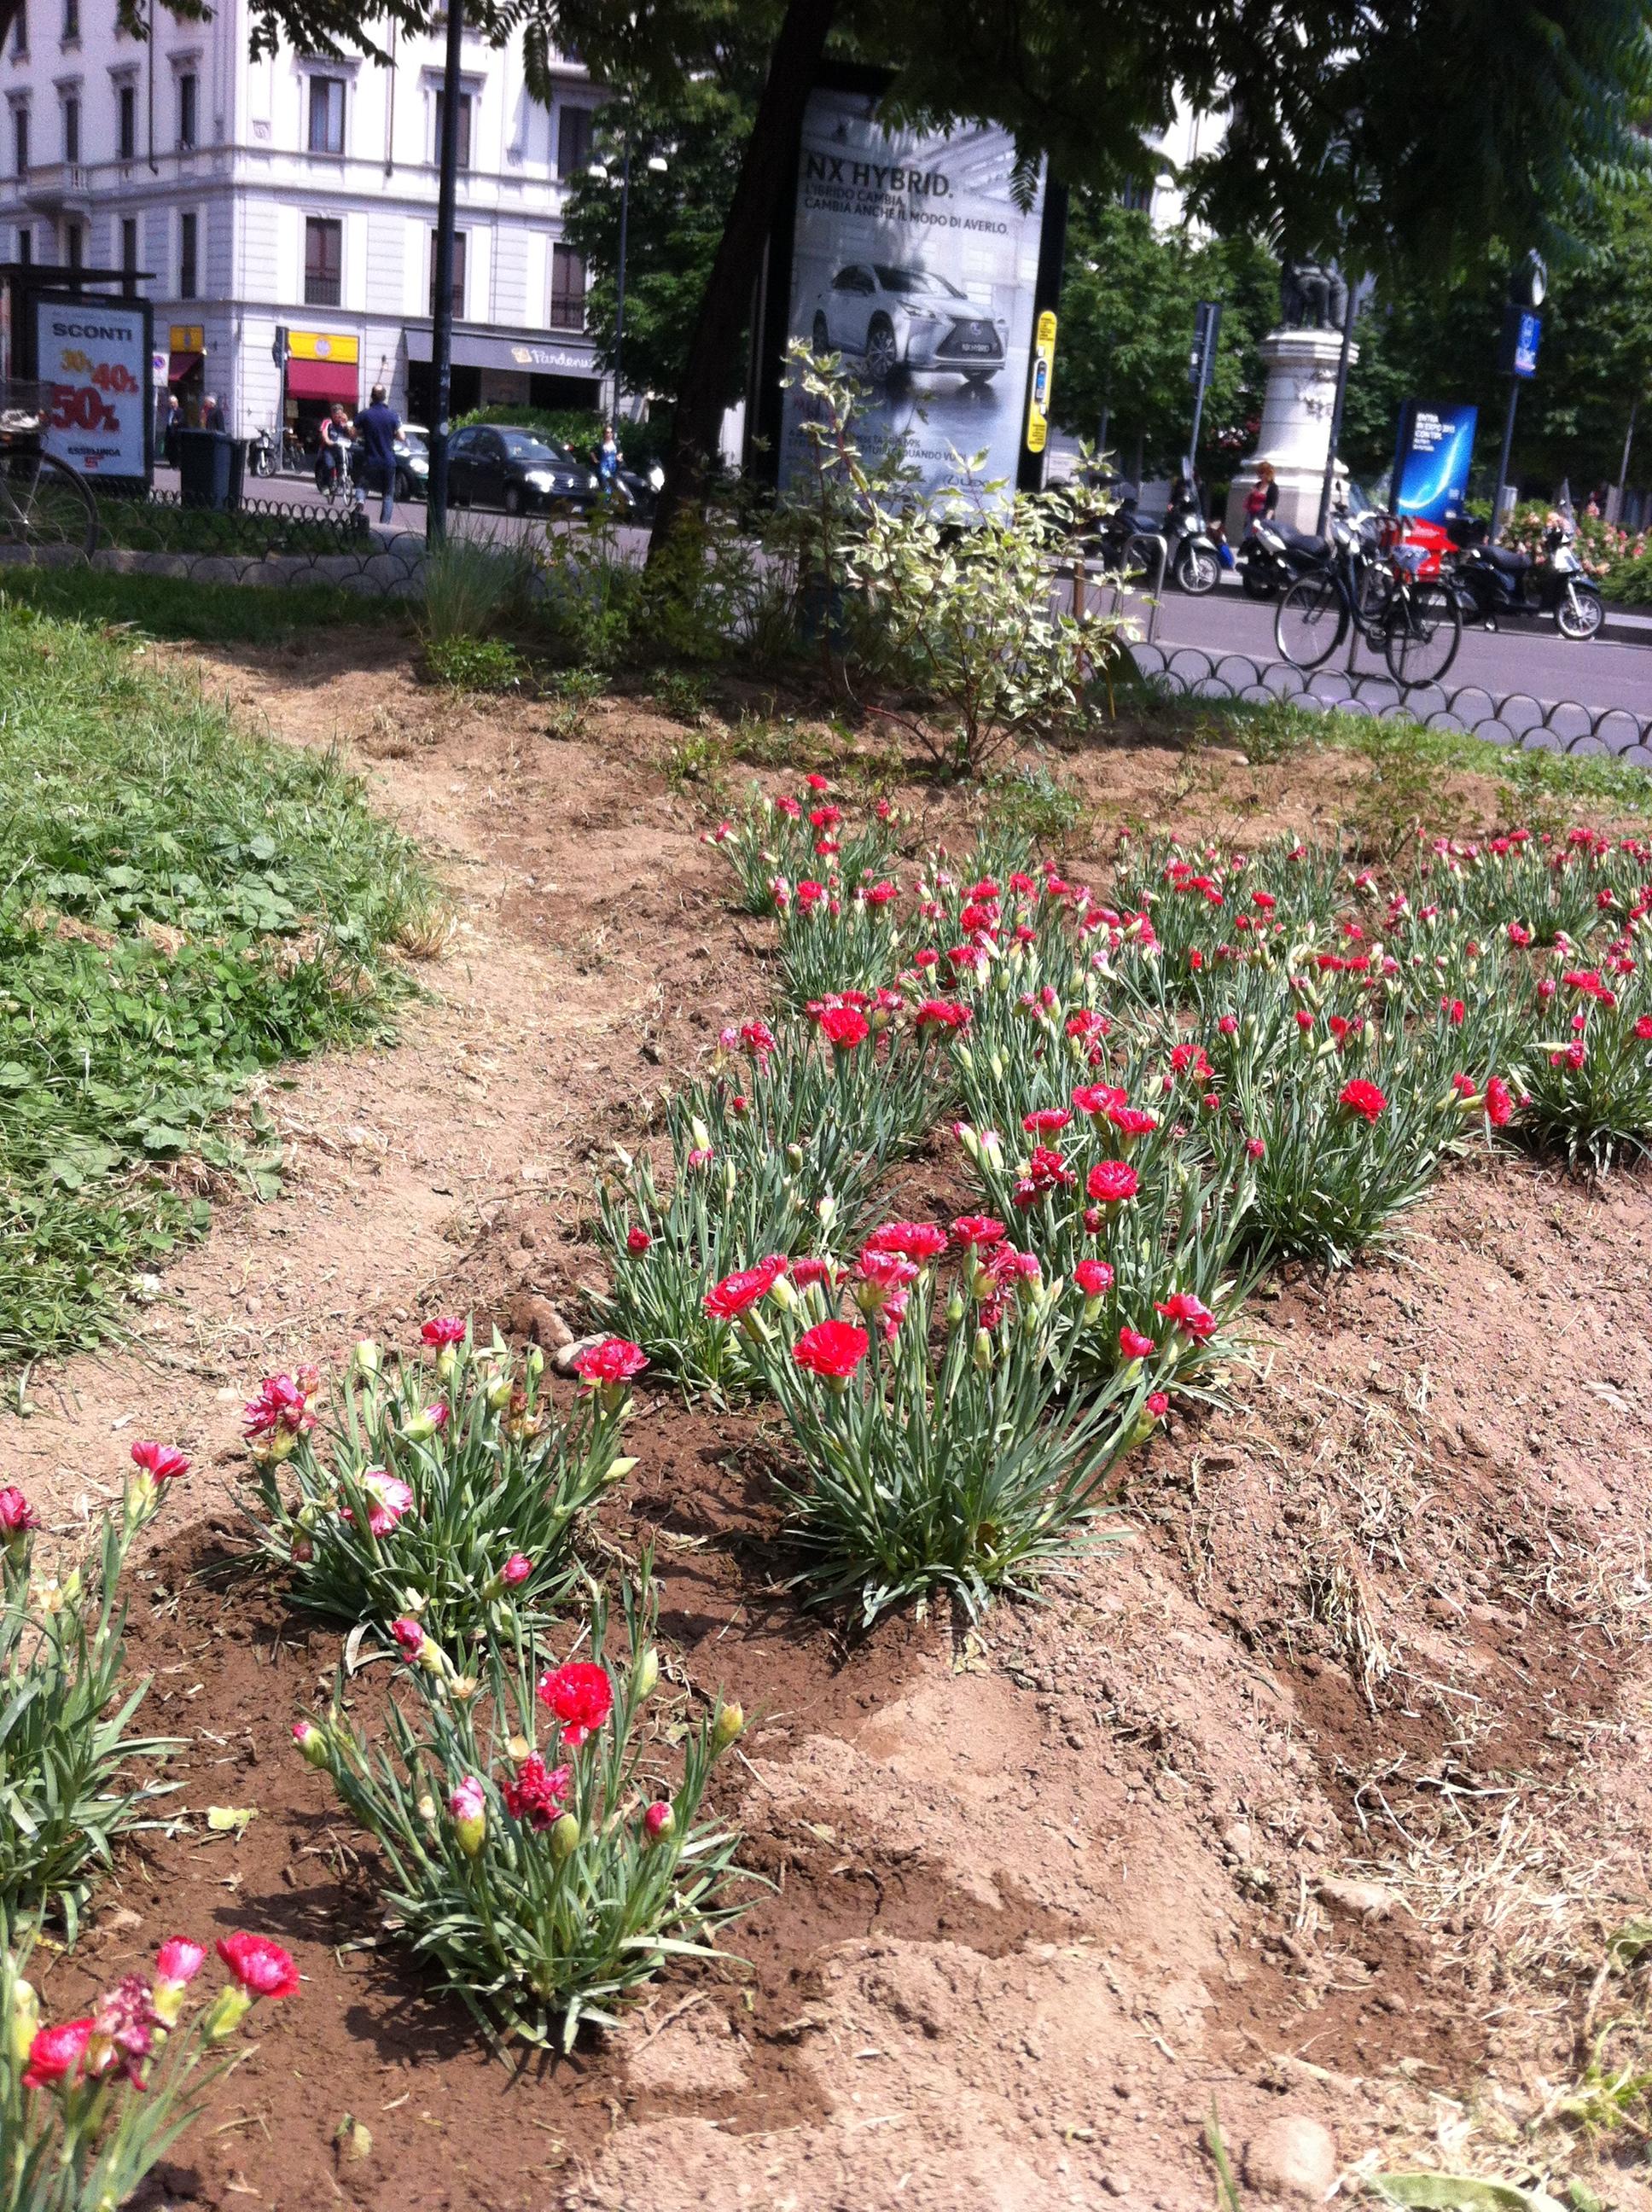 Creare aiuole affordable come creare un bel giardino with - Come creare un bel giardino ...